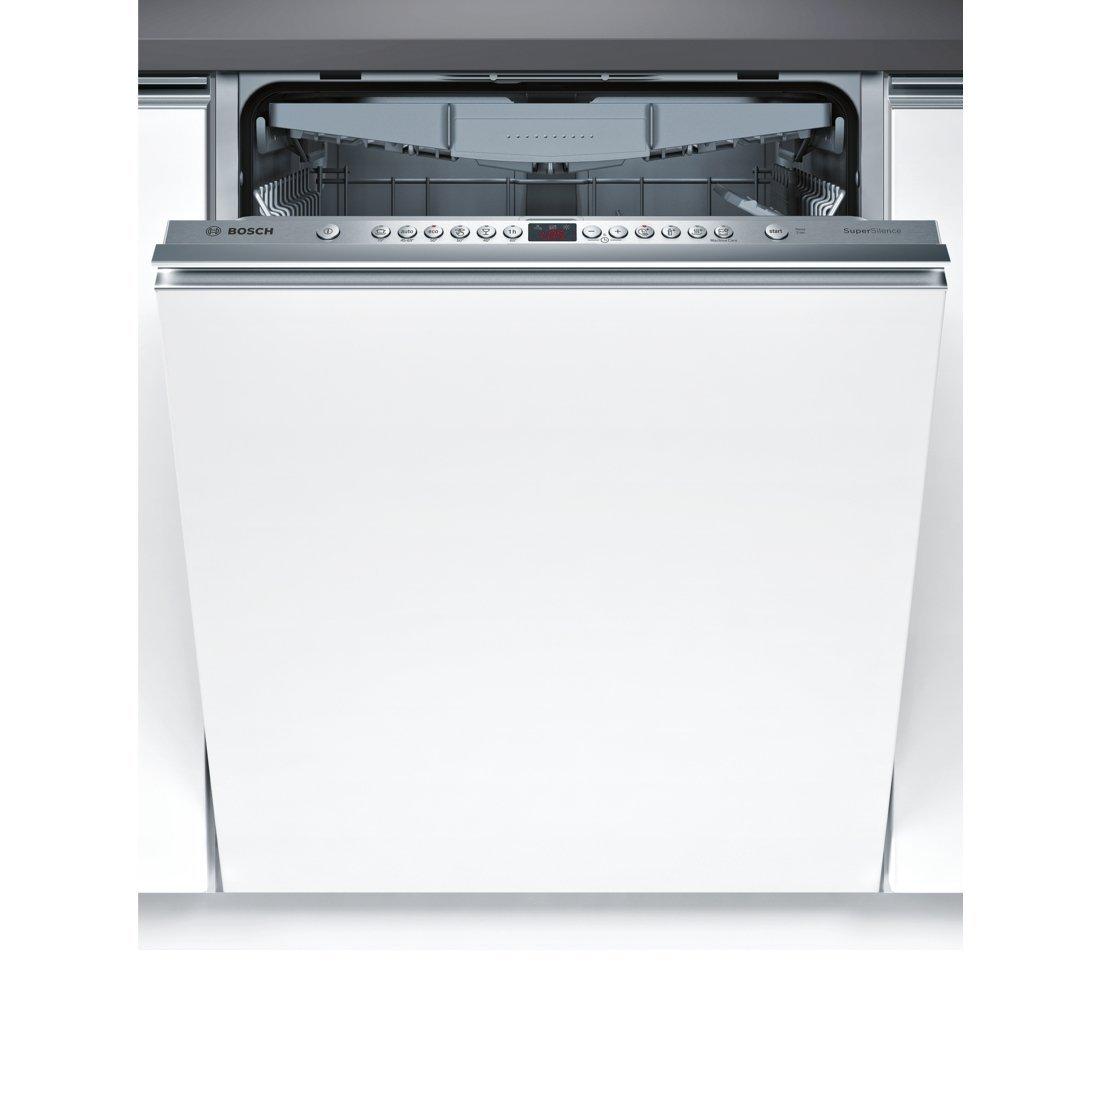 Comparatif lave-vaisselle encastrable Bosch smv46kx05e- test et avis consommateur